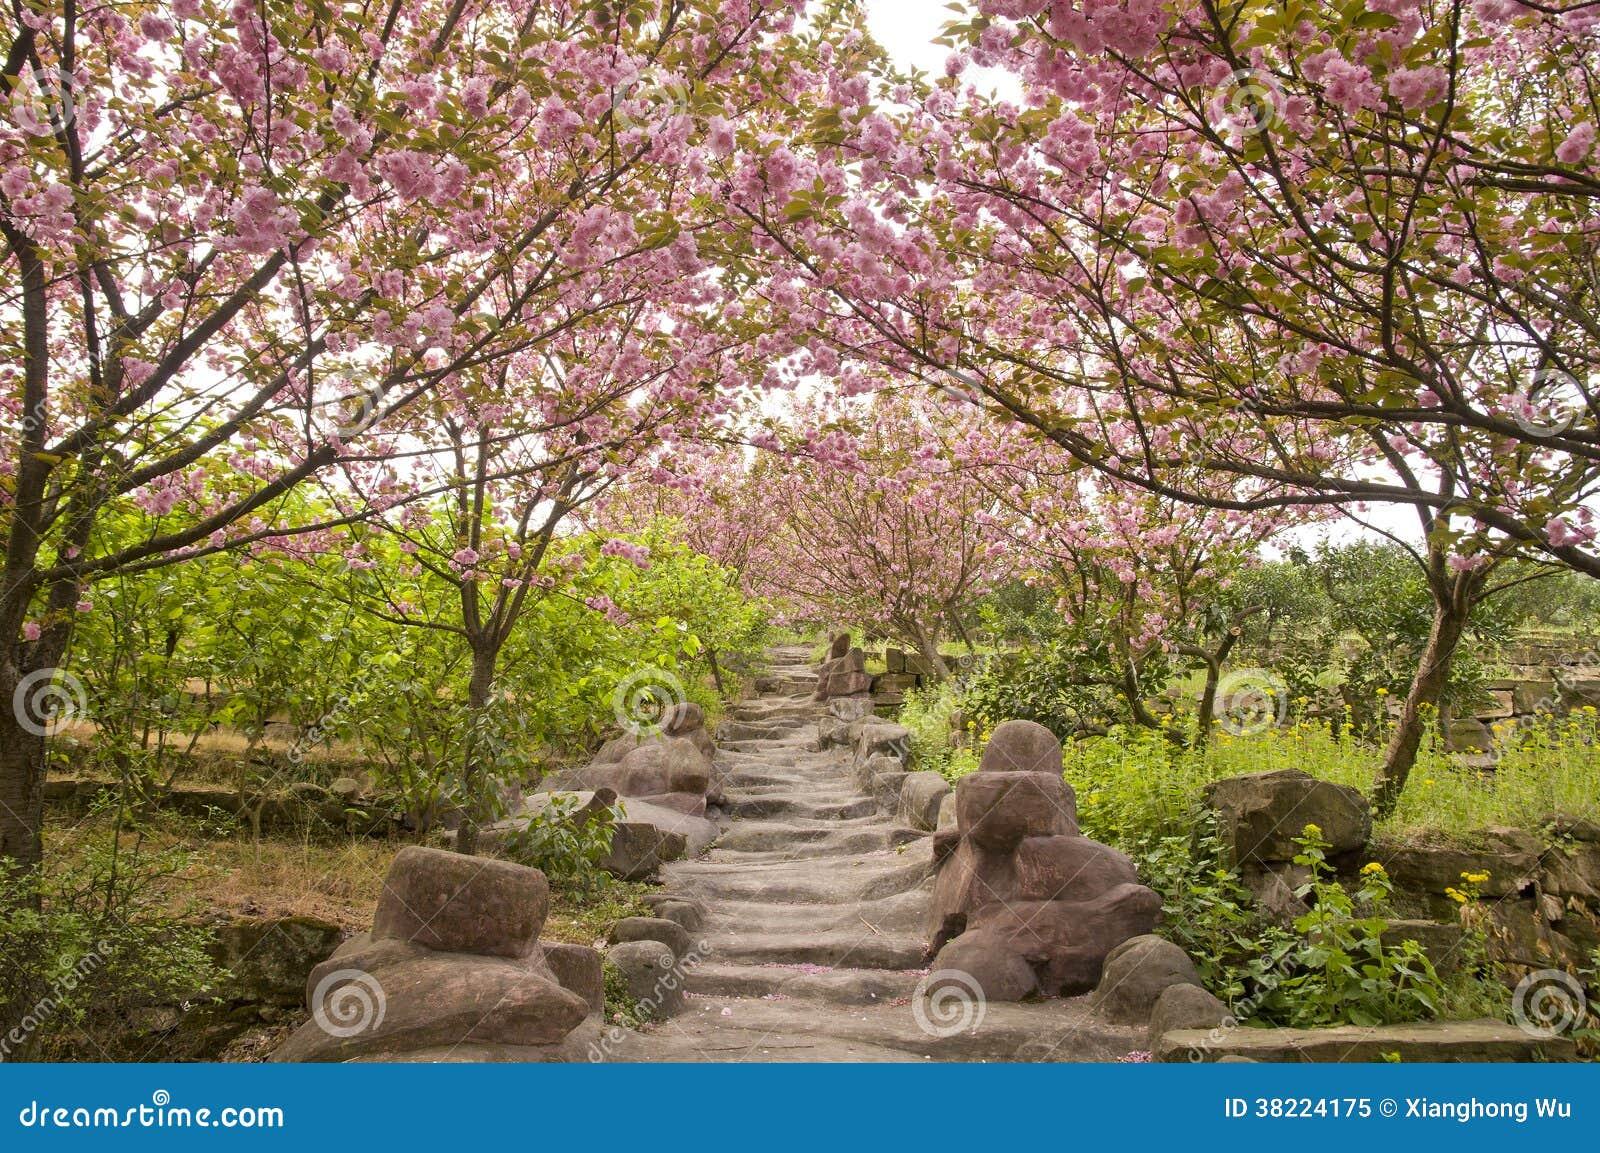 chemin avec des fleurs de cerisier photo libre de droits - image